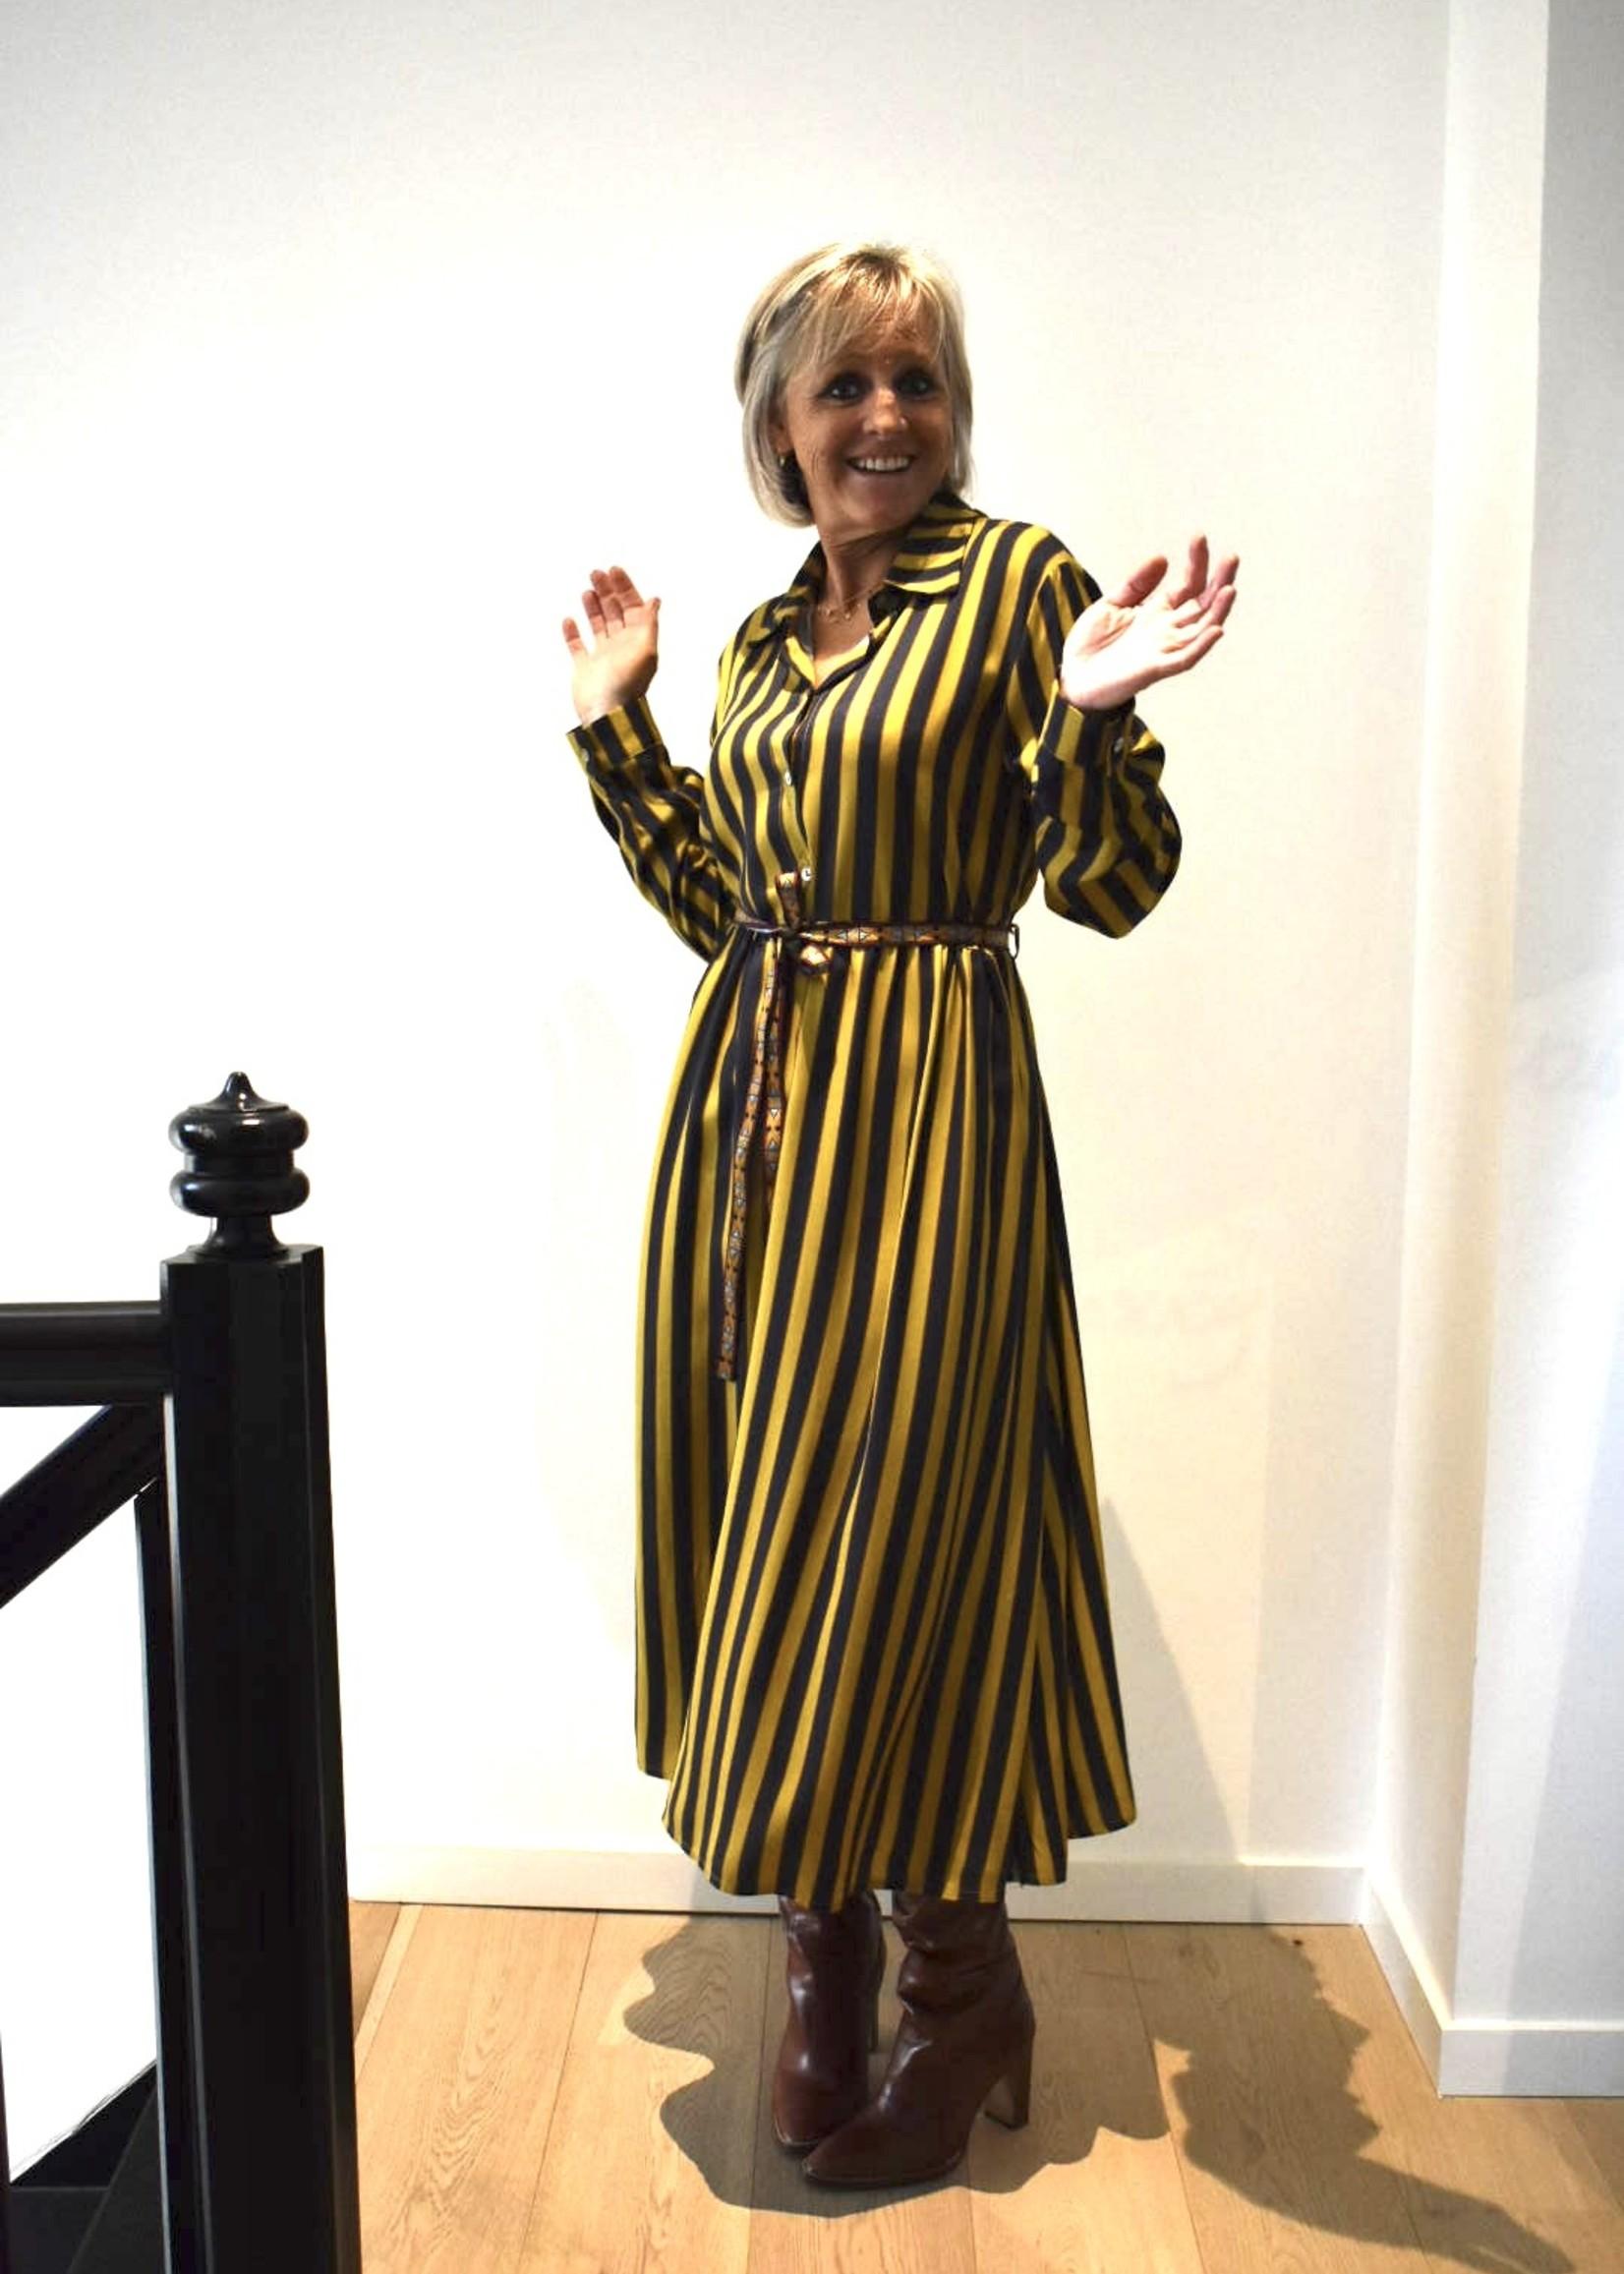 Mia dress: beschikbaar in twee kleuren